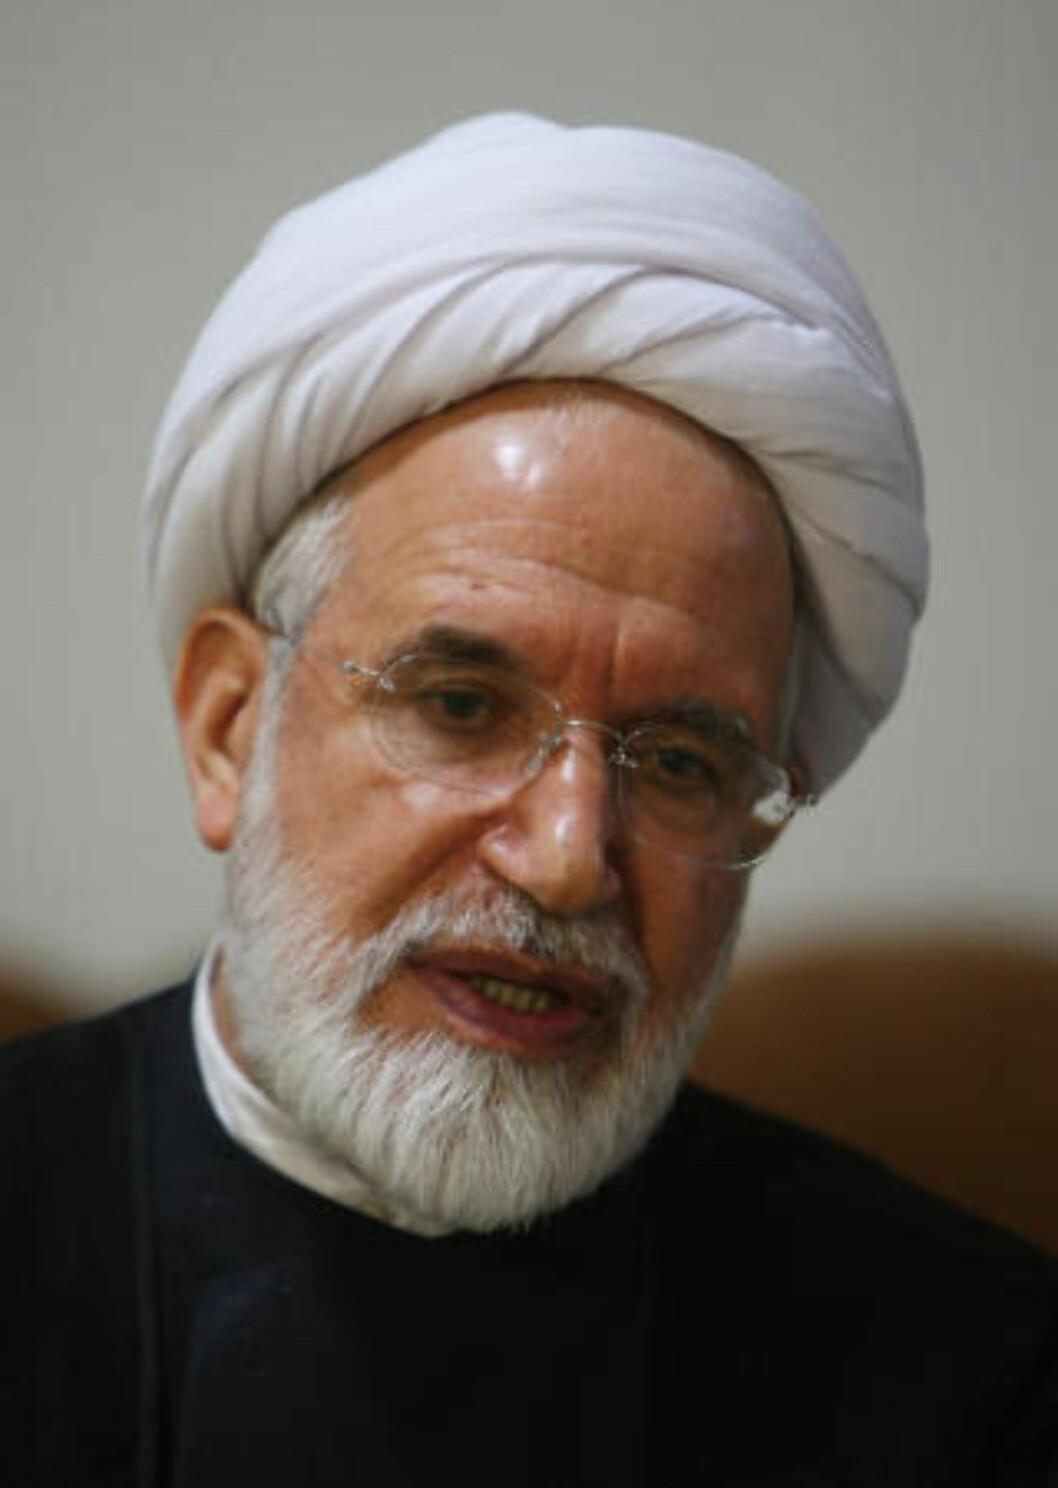 <strong>KJEMPER VIDERE:</strong> Mehdi Karroubi vil bruke ethvert middel han kan. Foto: AFP PHOTO/ATTA KENARE